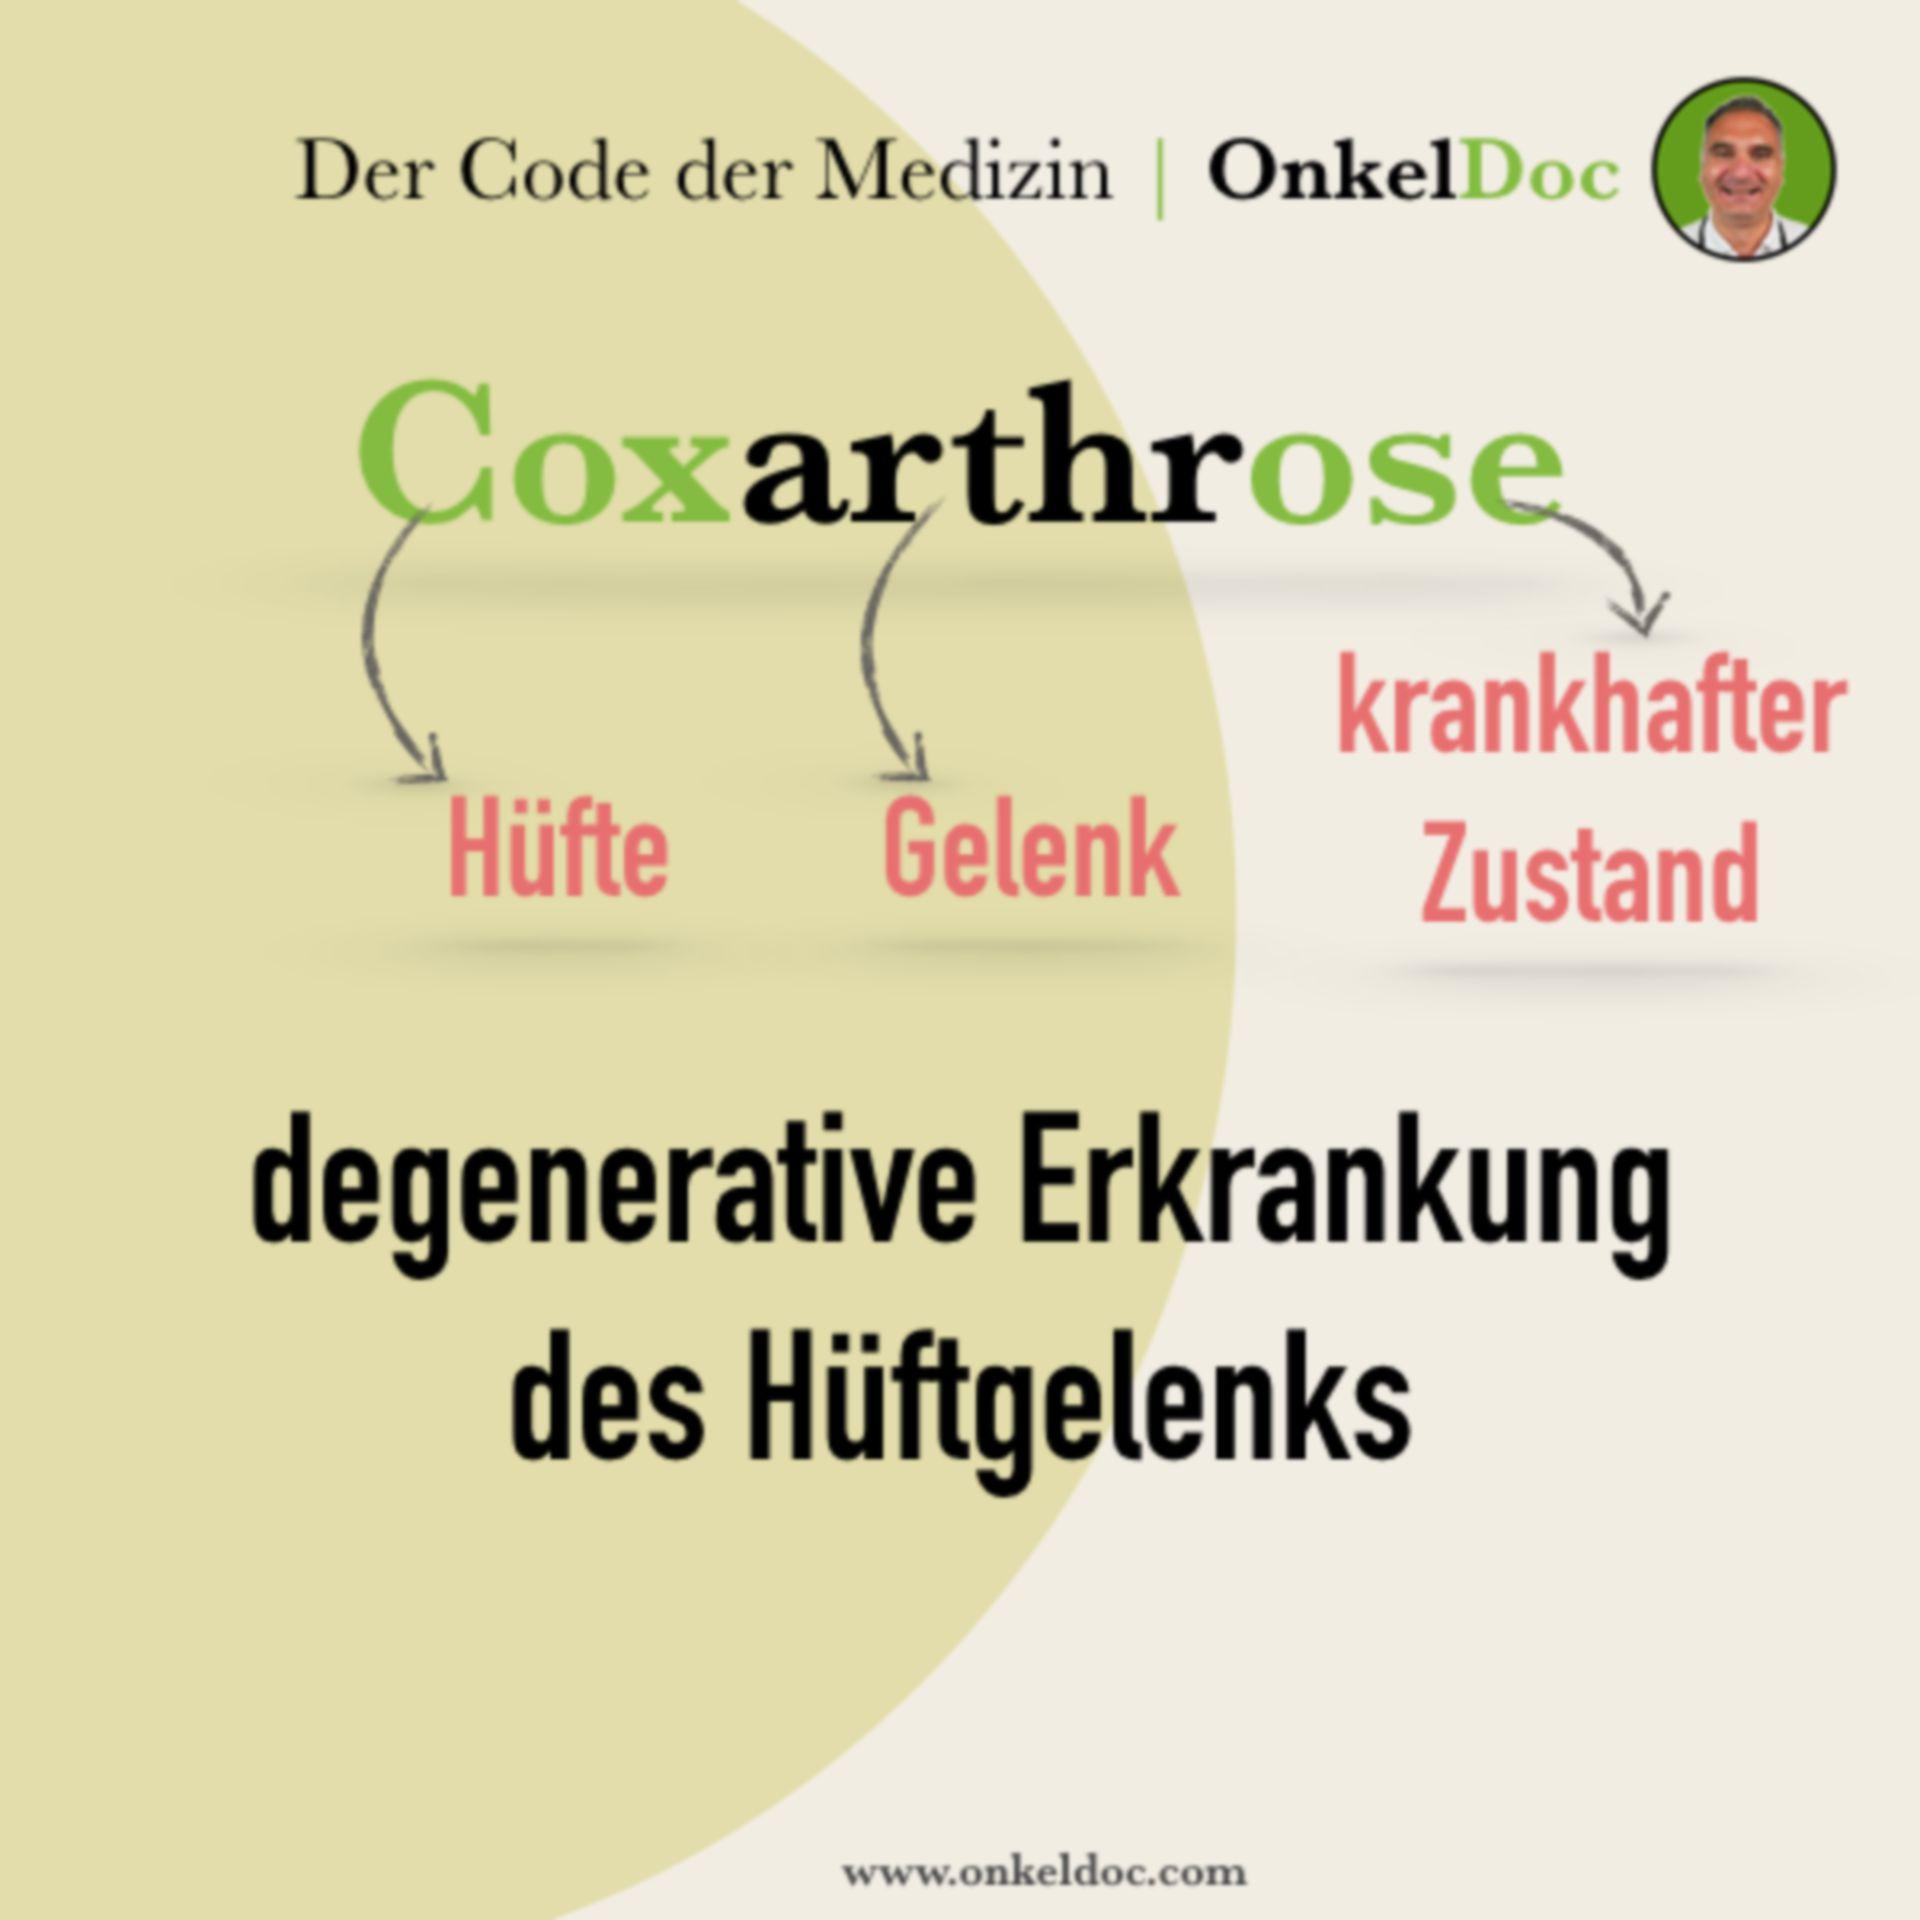 Der Code der Coxarthrose